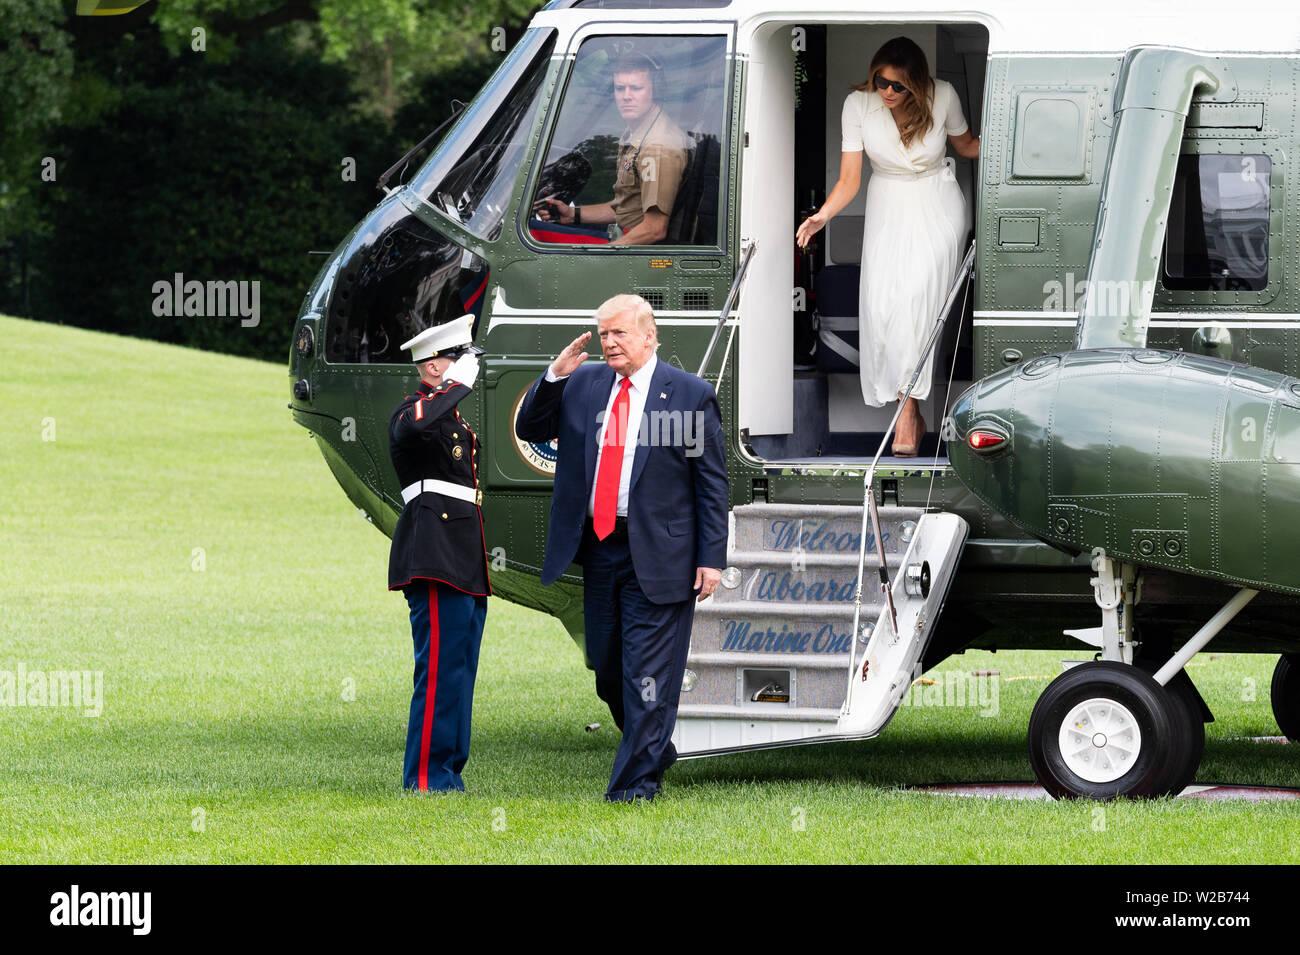 Washington, United States. 07 Juli, 2019. Präsident Donald Trump Ehrenkompanie der Marine, als er erhält Marine One von der First Lady Melania Trump gefolgt, wie sie in der südlichen Vorhalle des Weißen Hauses in Washington, DC, entfernt. Credit: SOPA Images Limited/Alamy leben Nachrichten Stockfoto